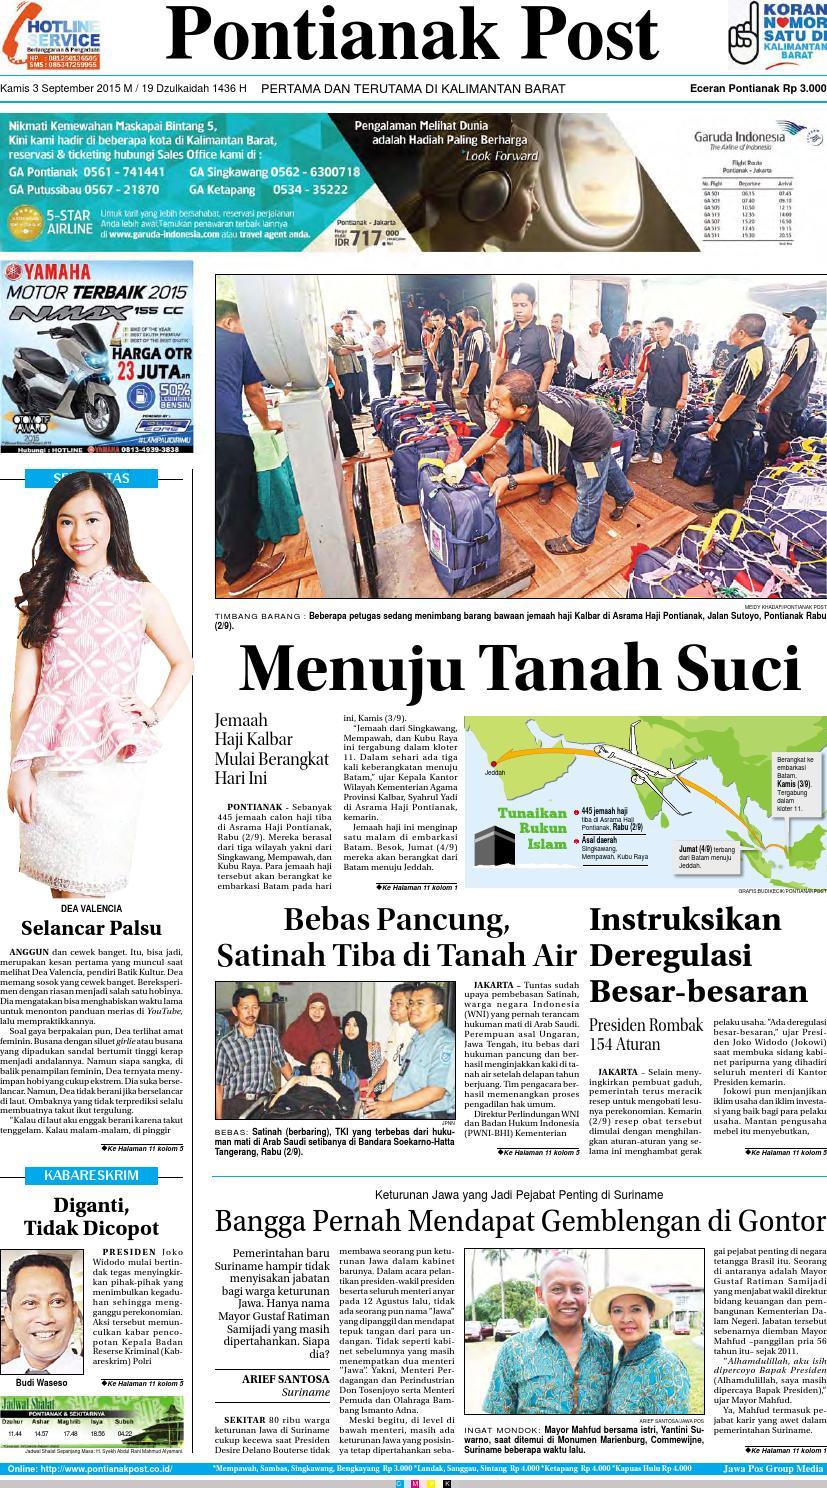 Pontianak Post Pertama Dan Terutama Di Kalimantan Barat By Produk Ukm Bumn Keripik Sukun 200 Gr Issuu